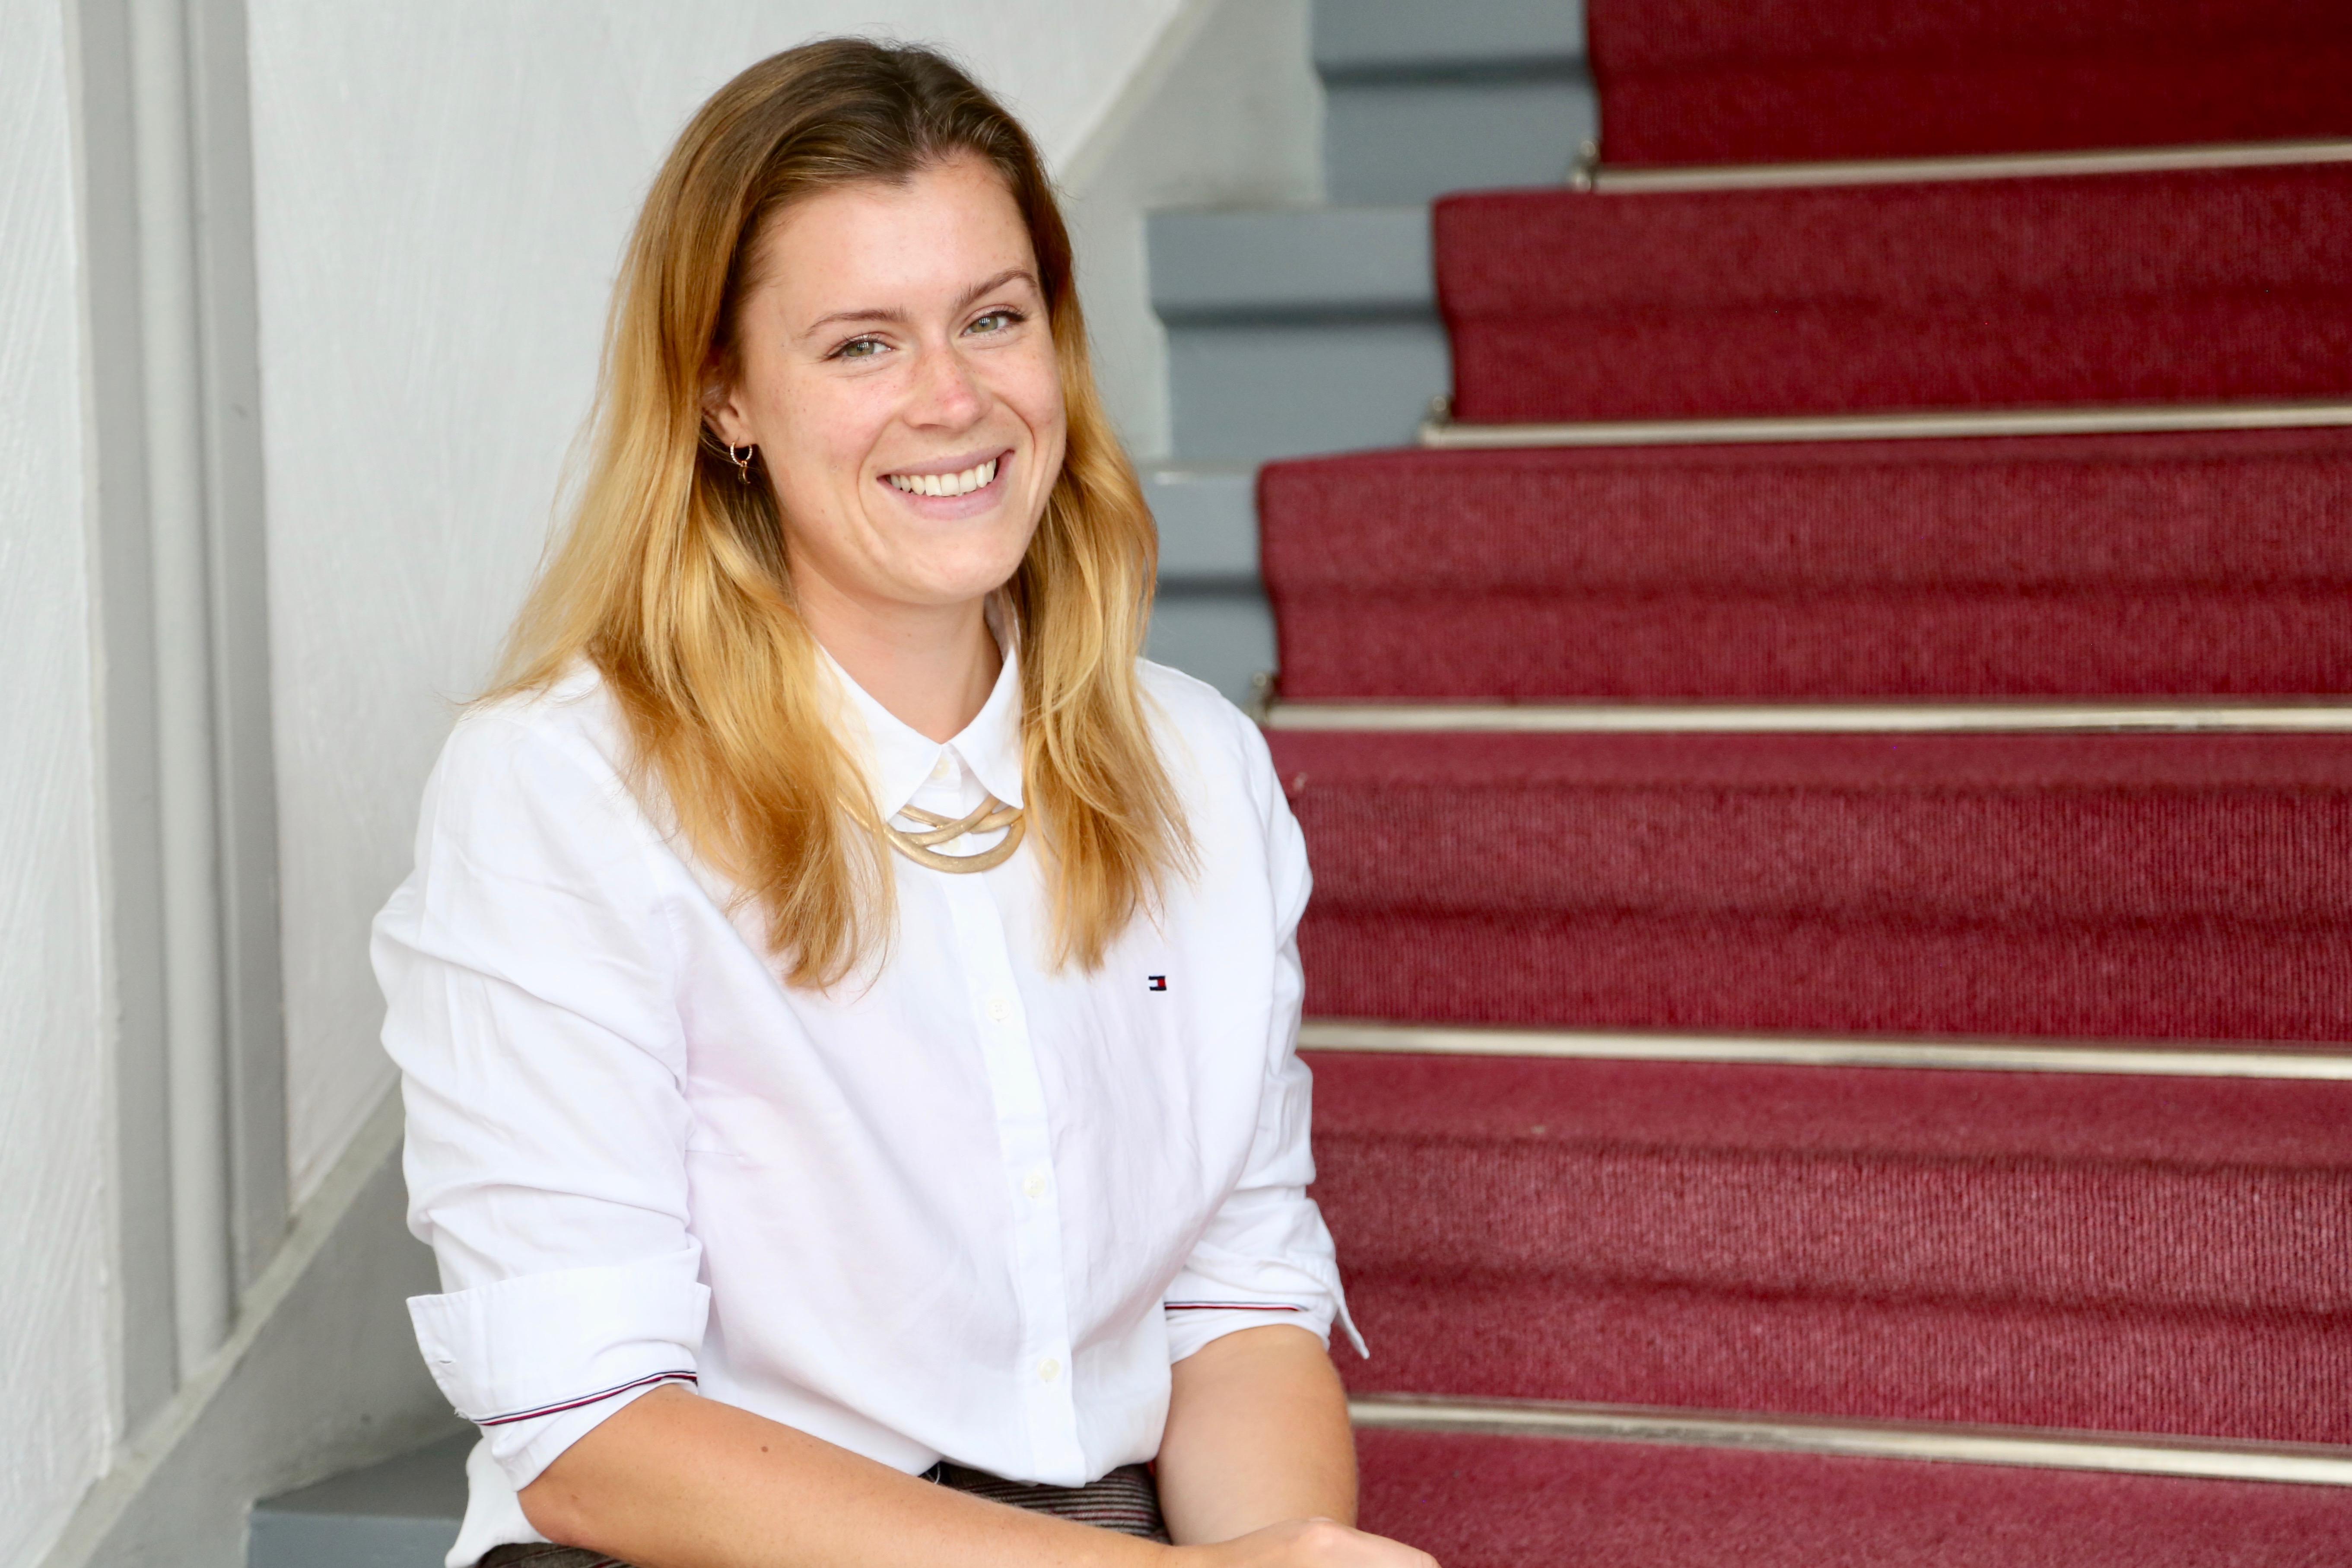 Clara Bruning Mediamoss Newsroom